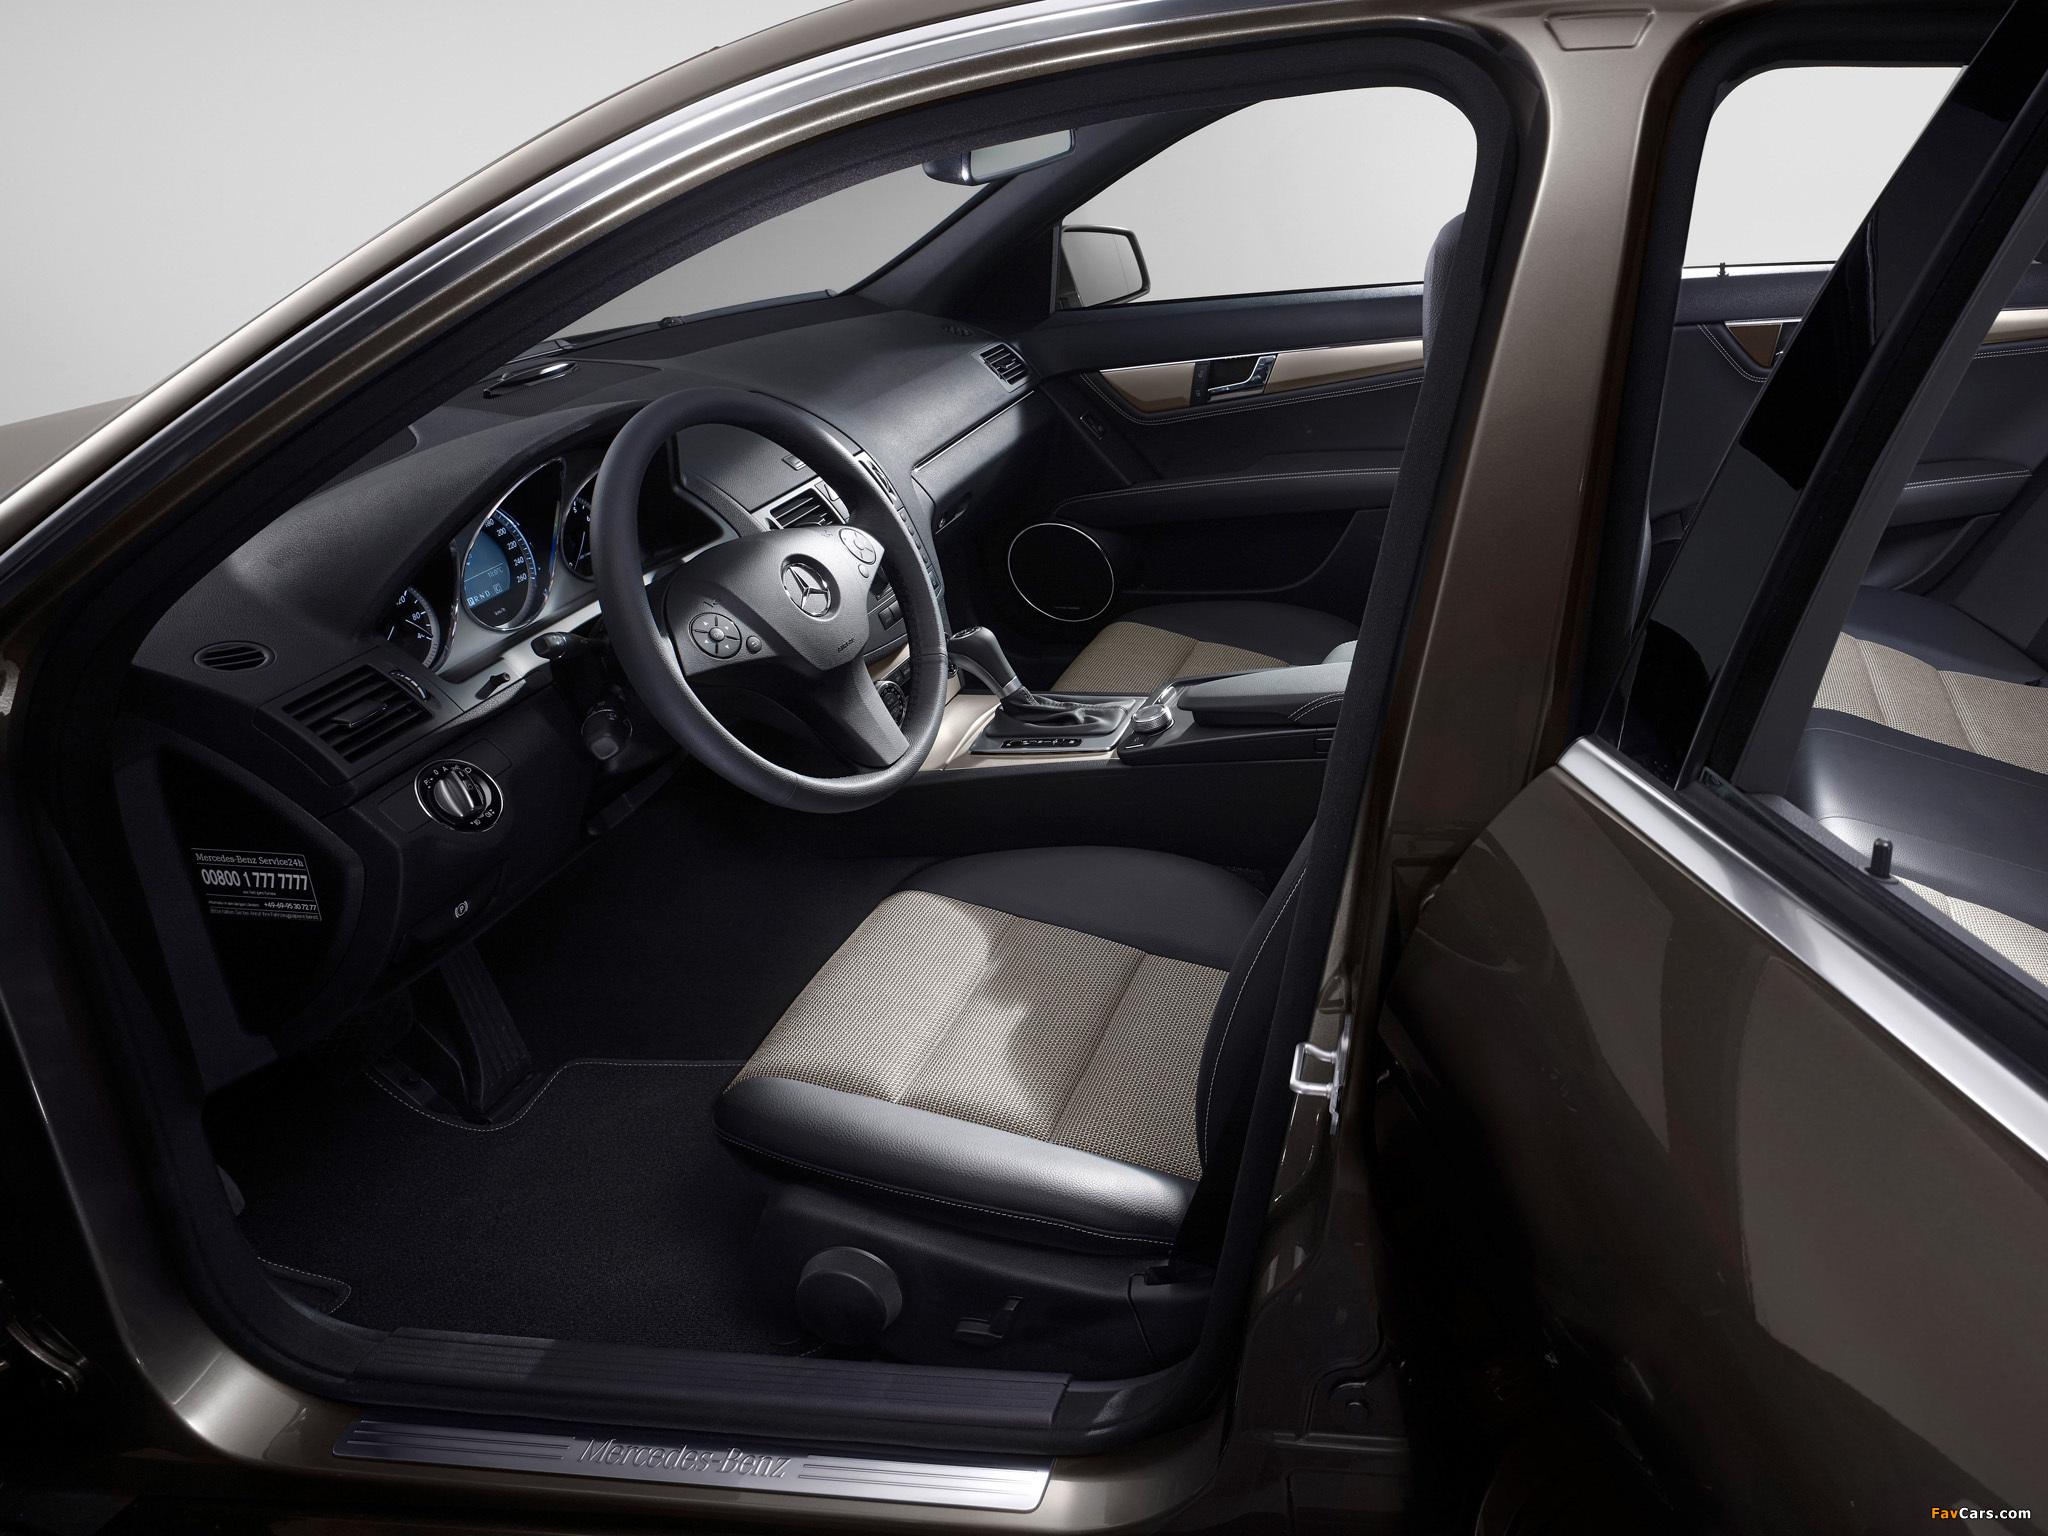 Сброс адаптаций автоматической коробки передач на Mercedes-Benz C-Klasse (W204)?